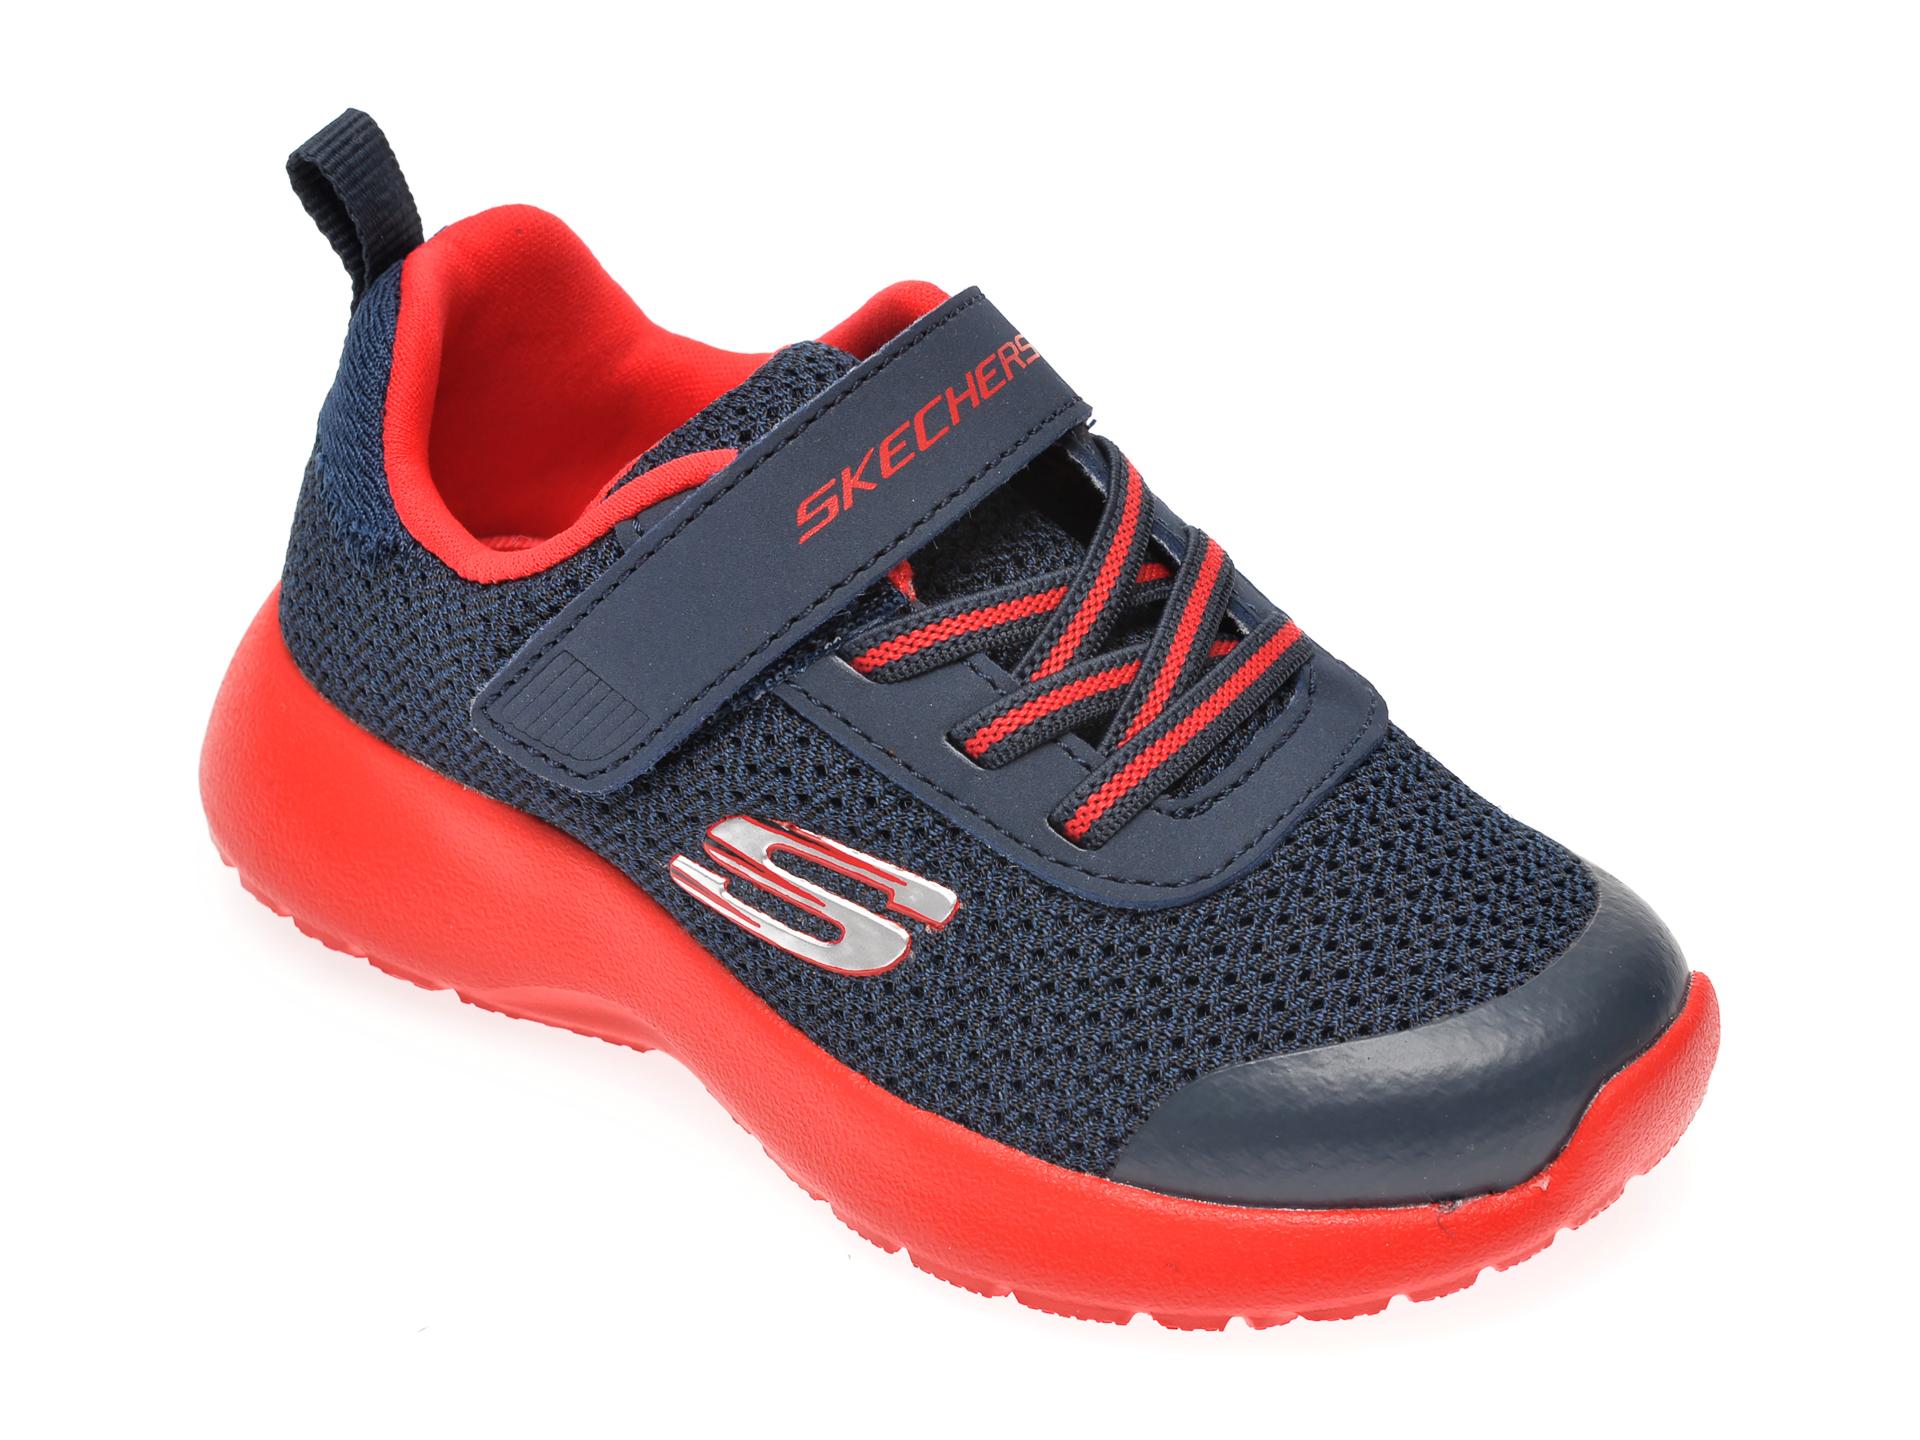 Pantofi sport SKECHERS bleumarin, Dynamight Ultra Torque, din material textil New